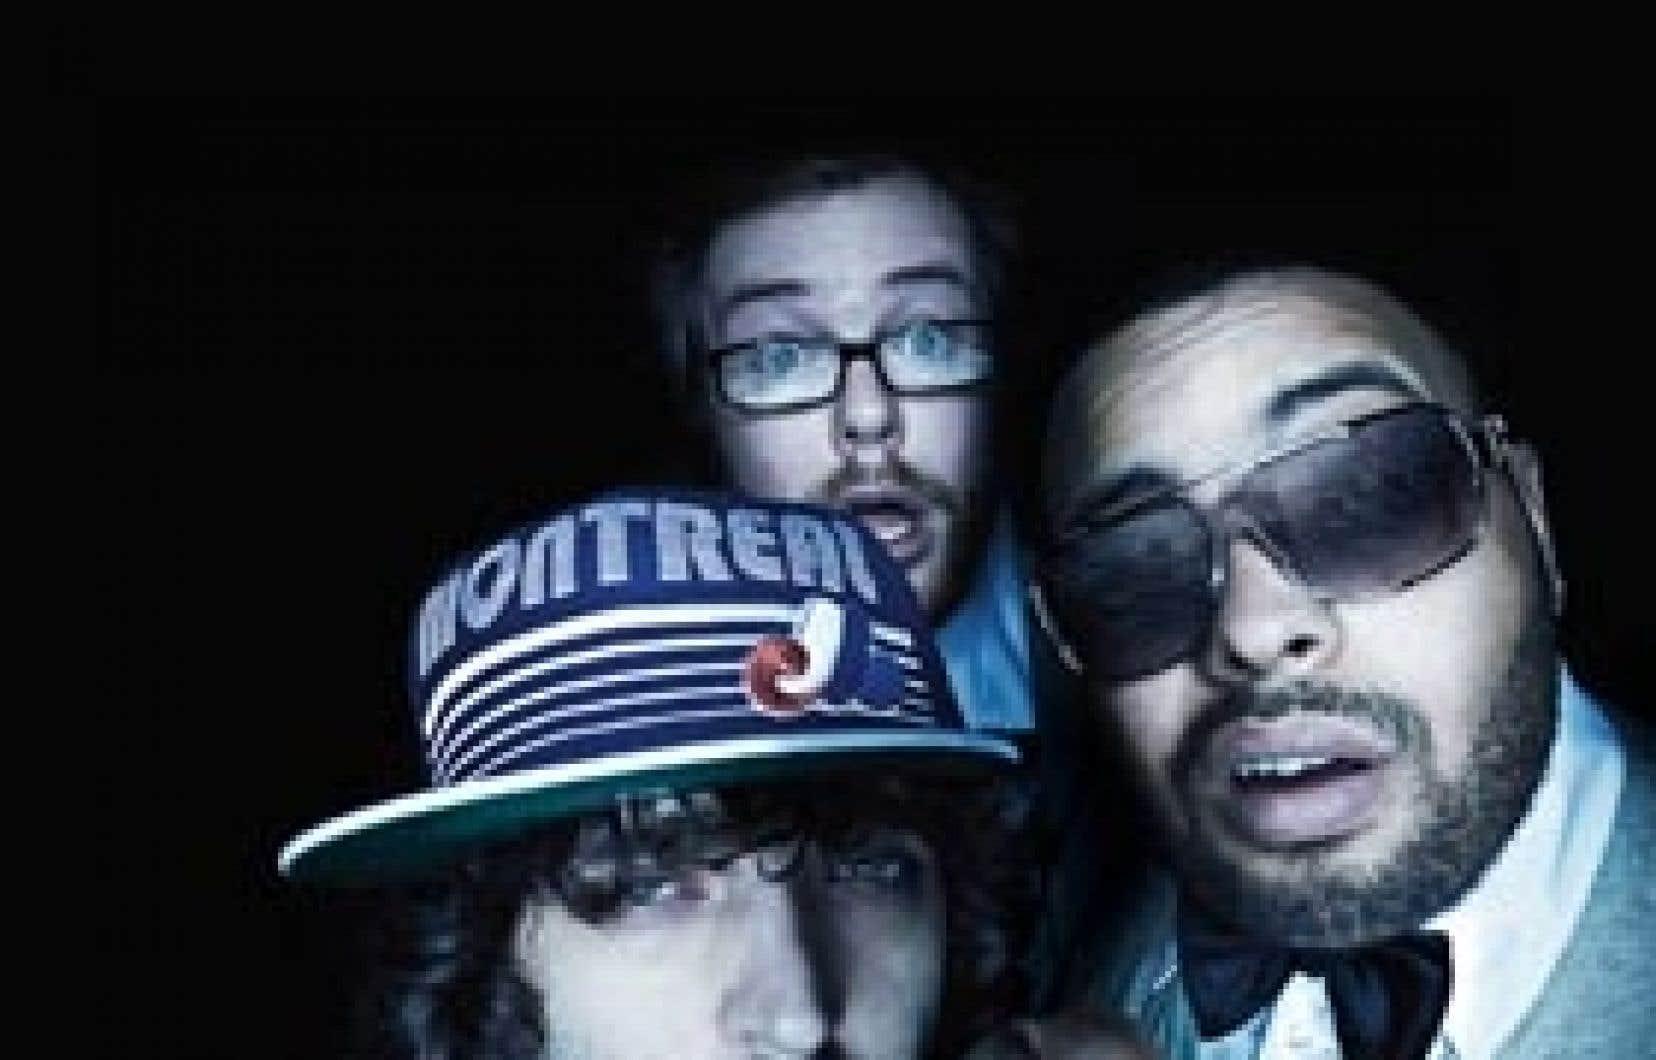 Le trio Omnikrom, qui comprend également le DJ Figure 8, lance son nouvel album Comme à la télévision.